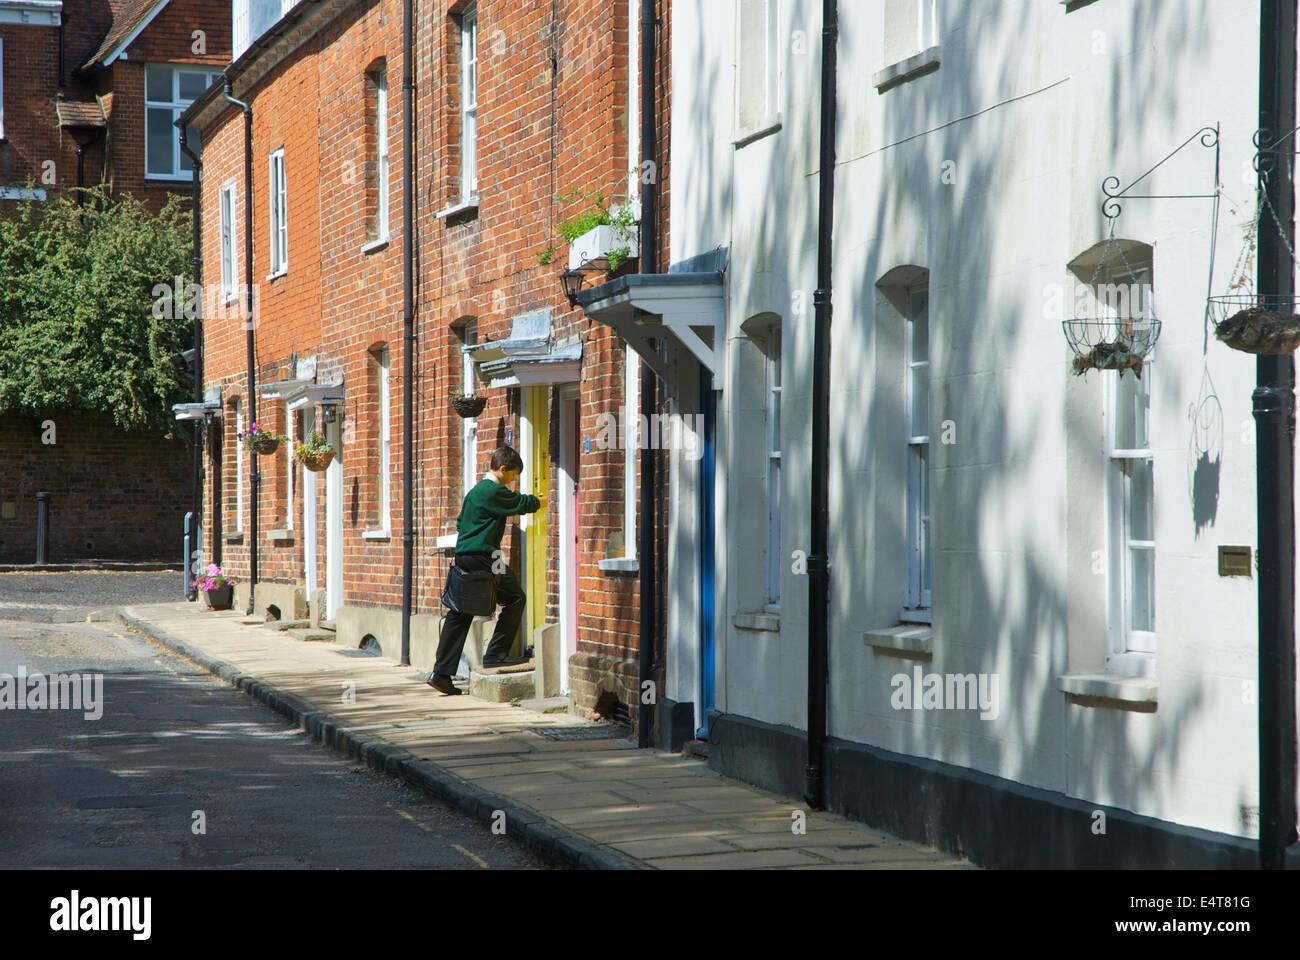 El colegial entrando en casa en Farnham, Surrey, Inglaterra Imagen De Stock